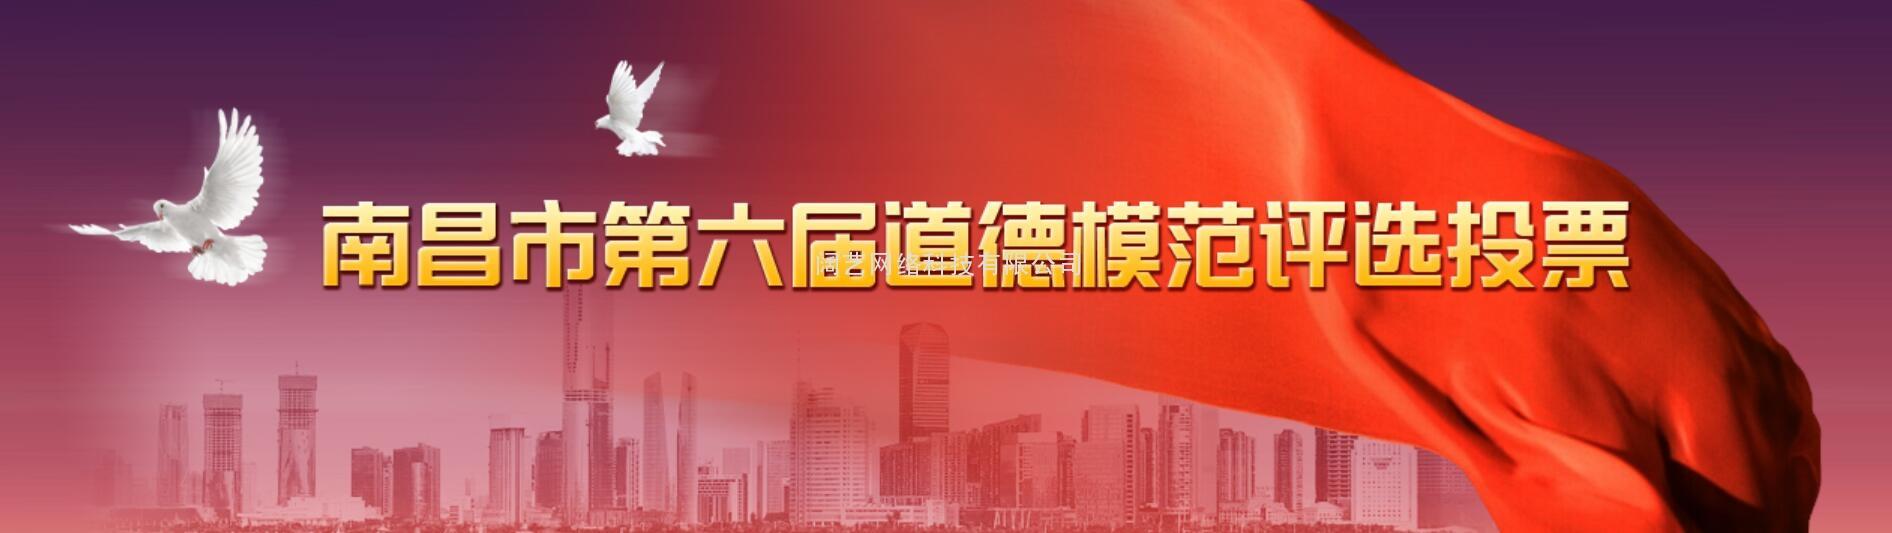 南昌市第六届道德模范评选投票